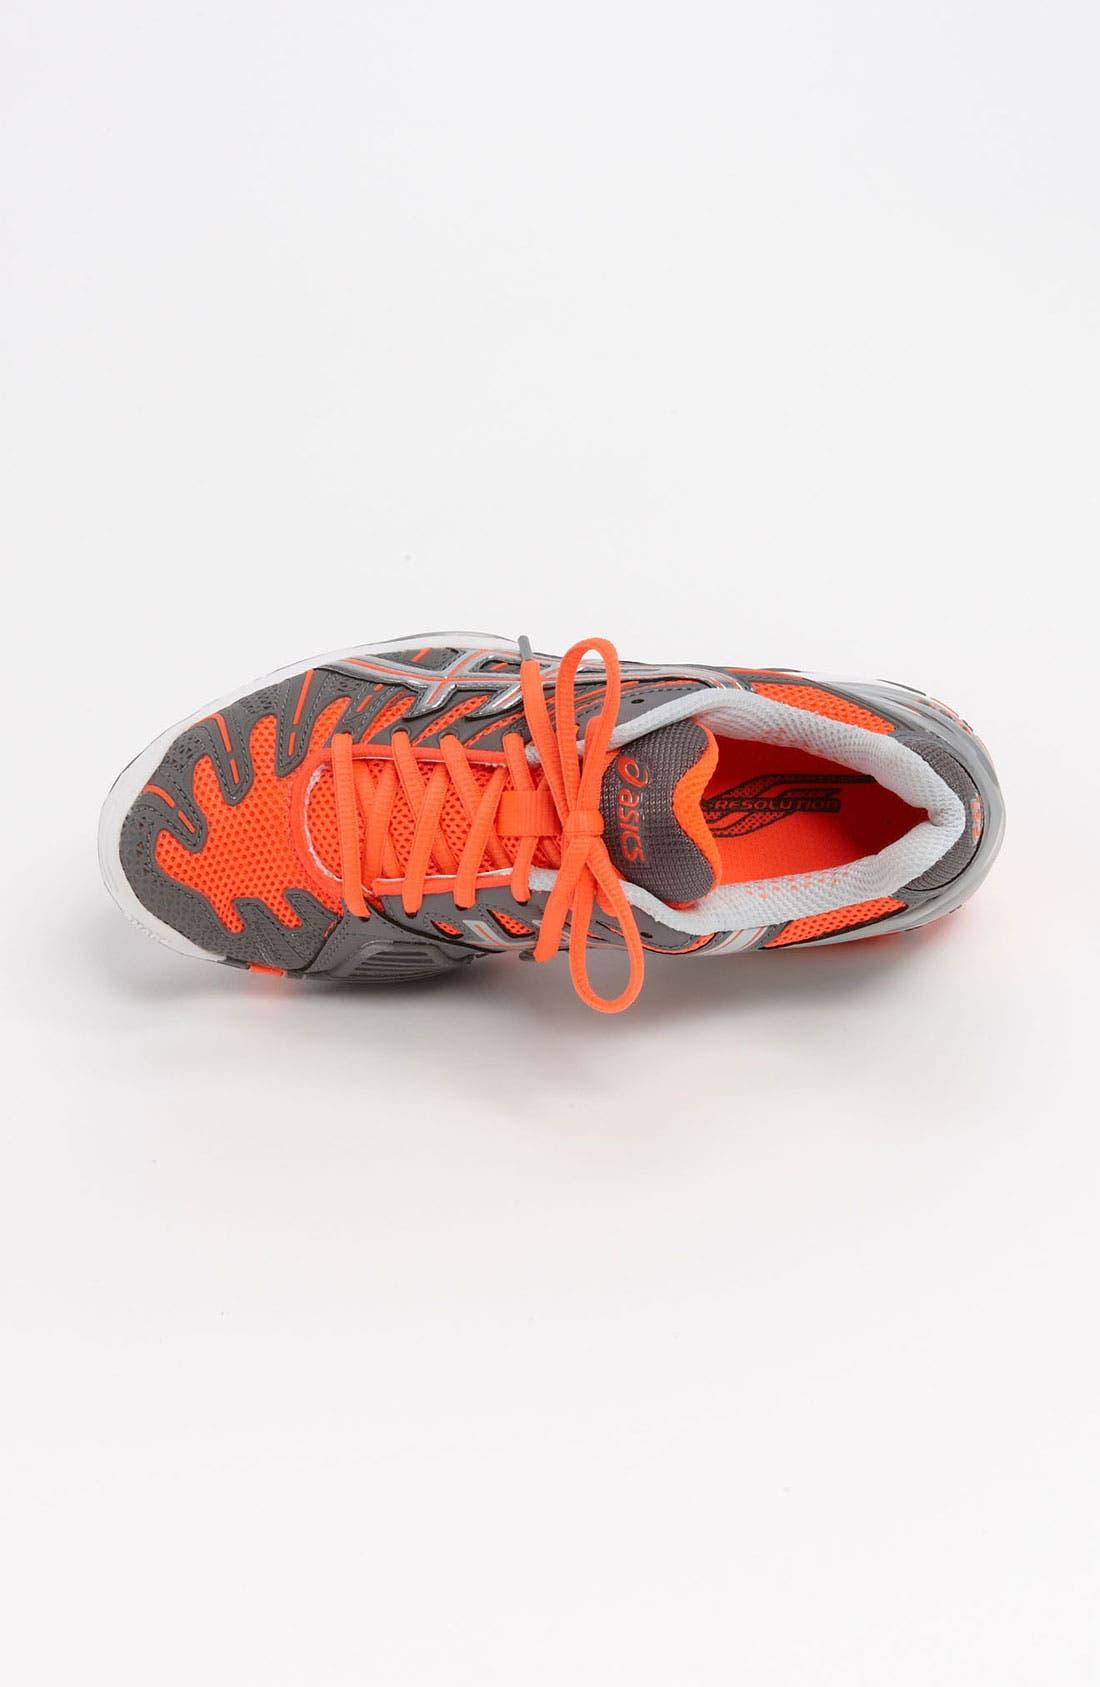 Alternate Image 3  - ASICS® 'GEL-Resolution 4' Tennis Shoe (Women) (Regular Retail Price: $129.95)